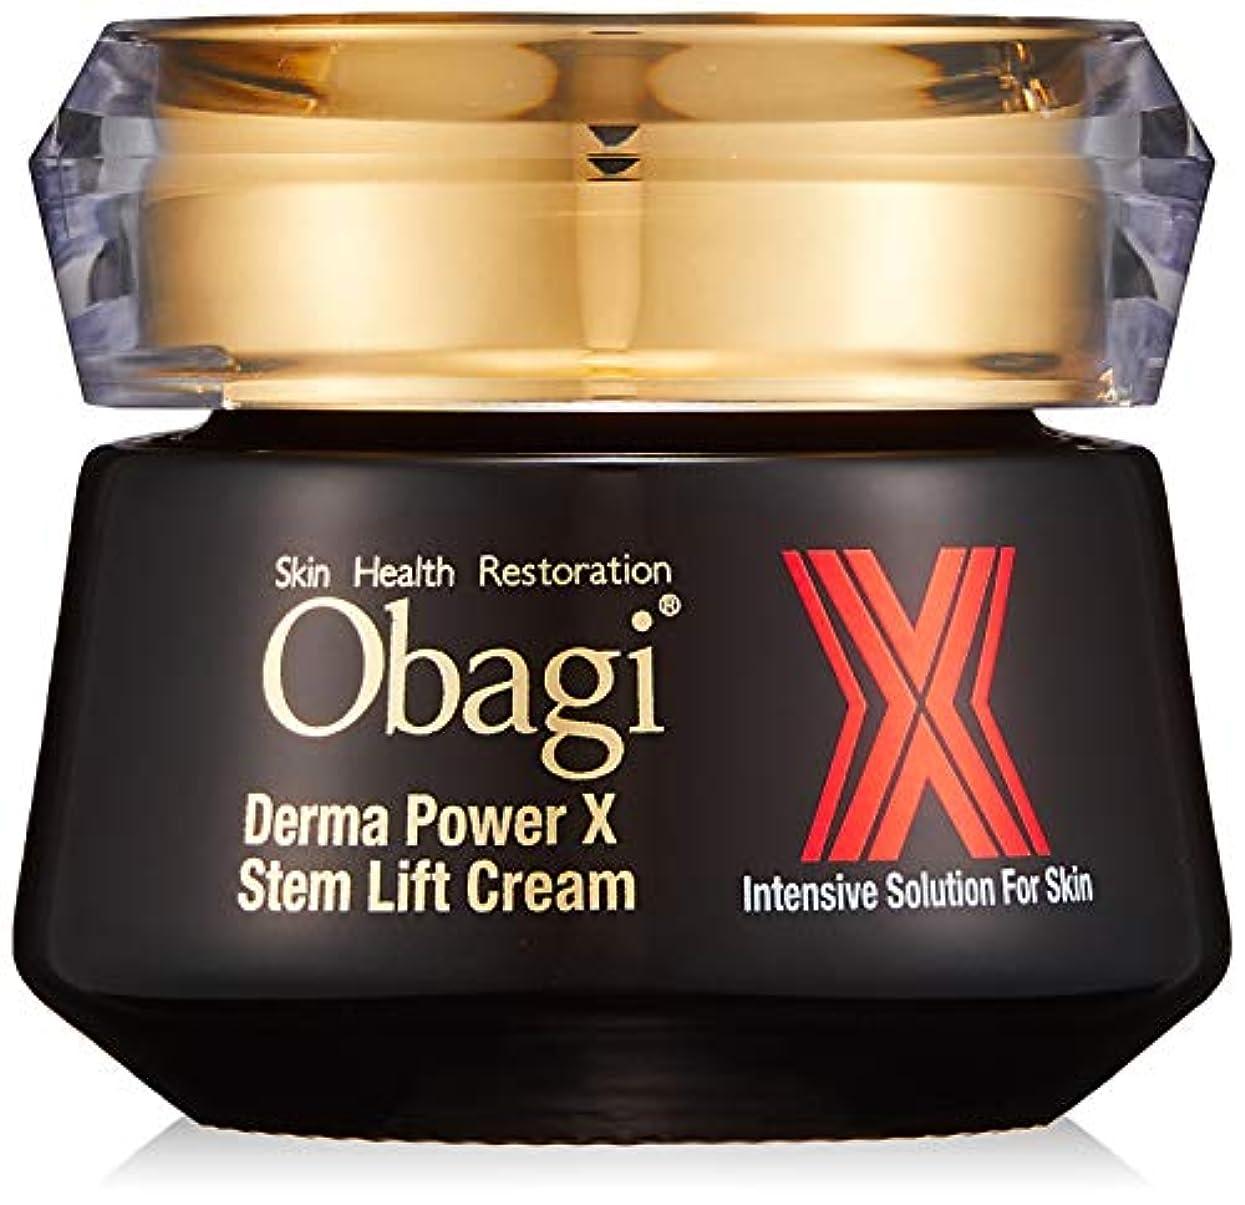 Obagi(オバジ) オバジ ダーマパワーX ステムリフト(コラーゲン エラスチン) クリーム 50g